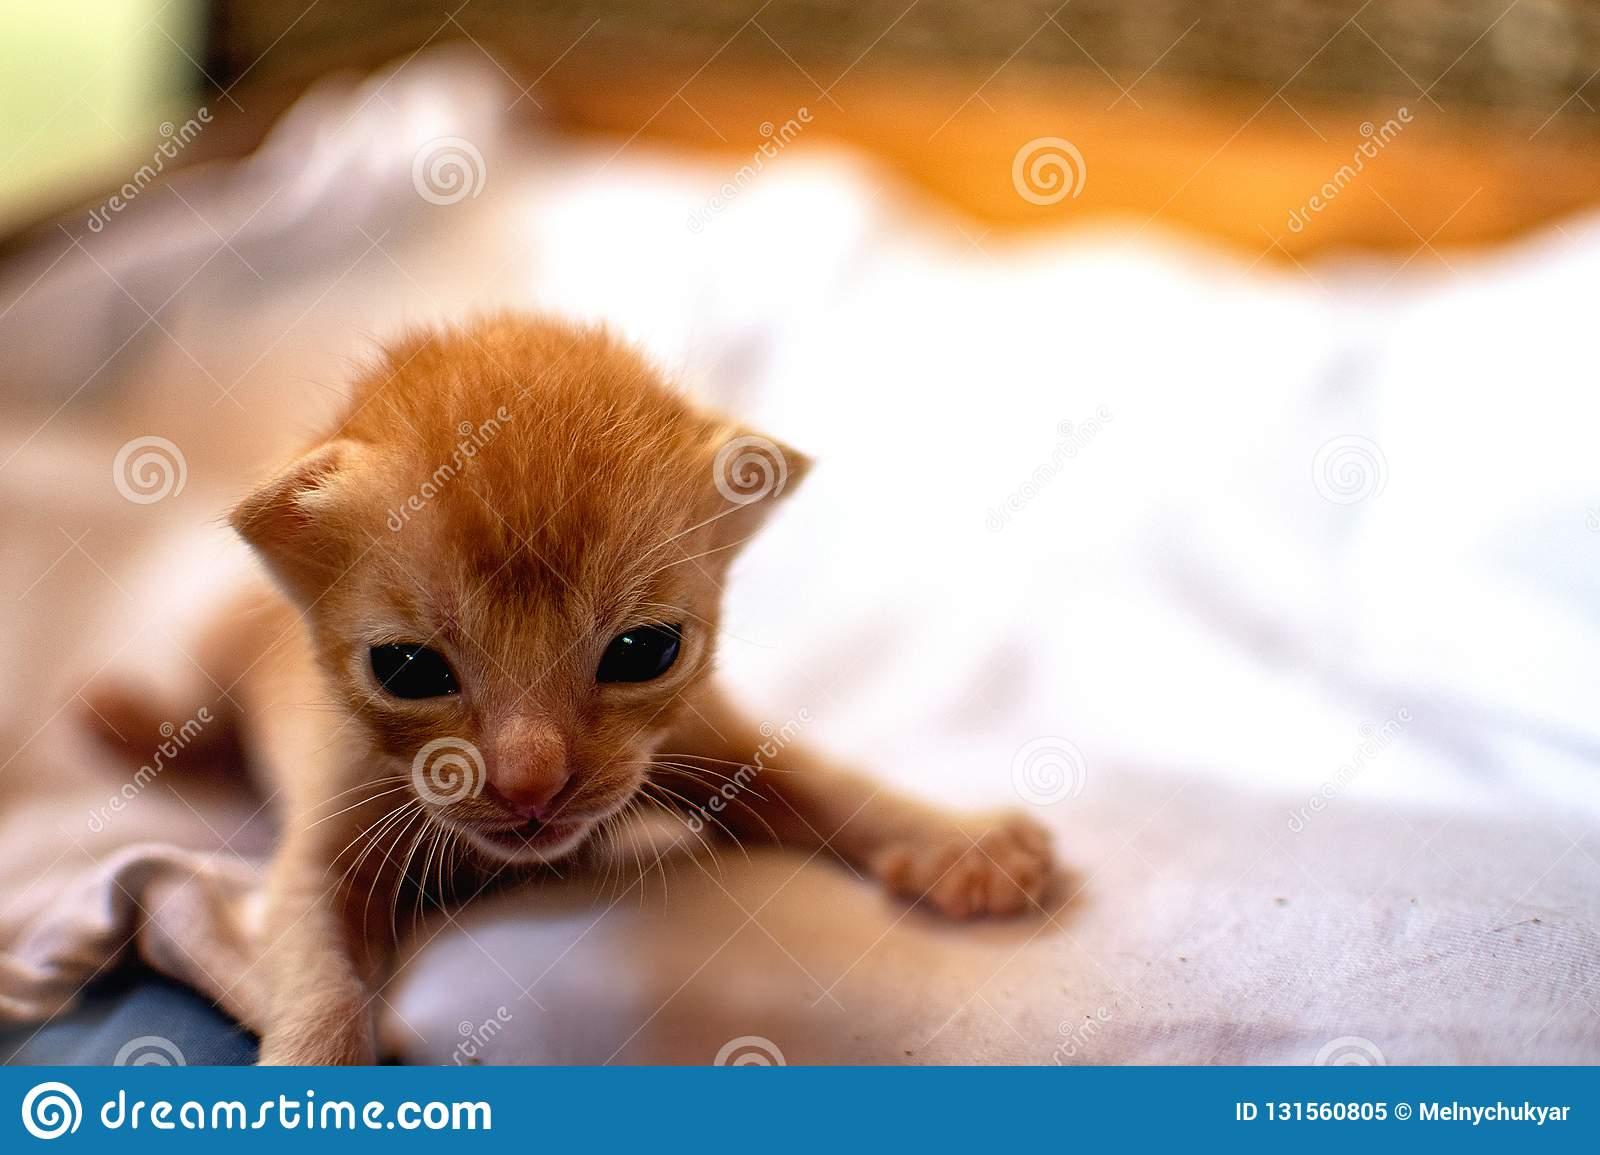 Малыш и кошка. первое знакомство кошки с новорожденным